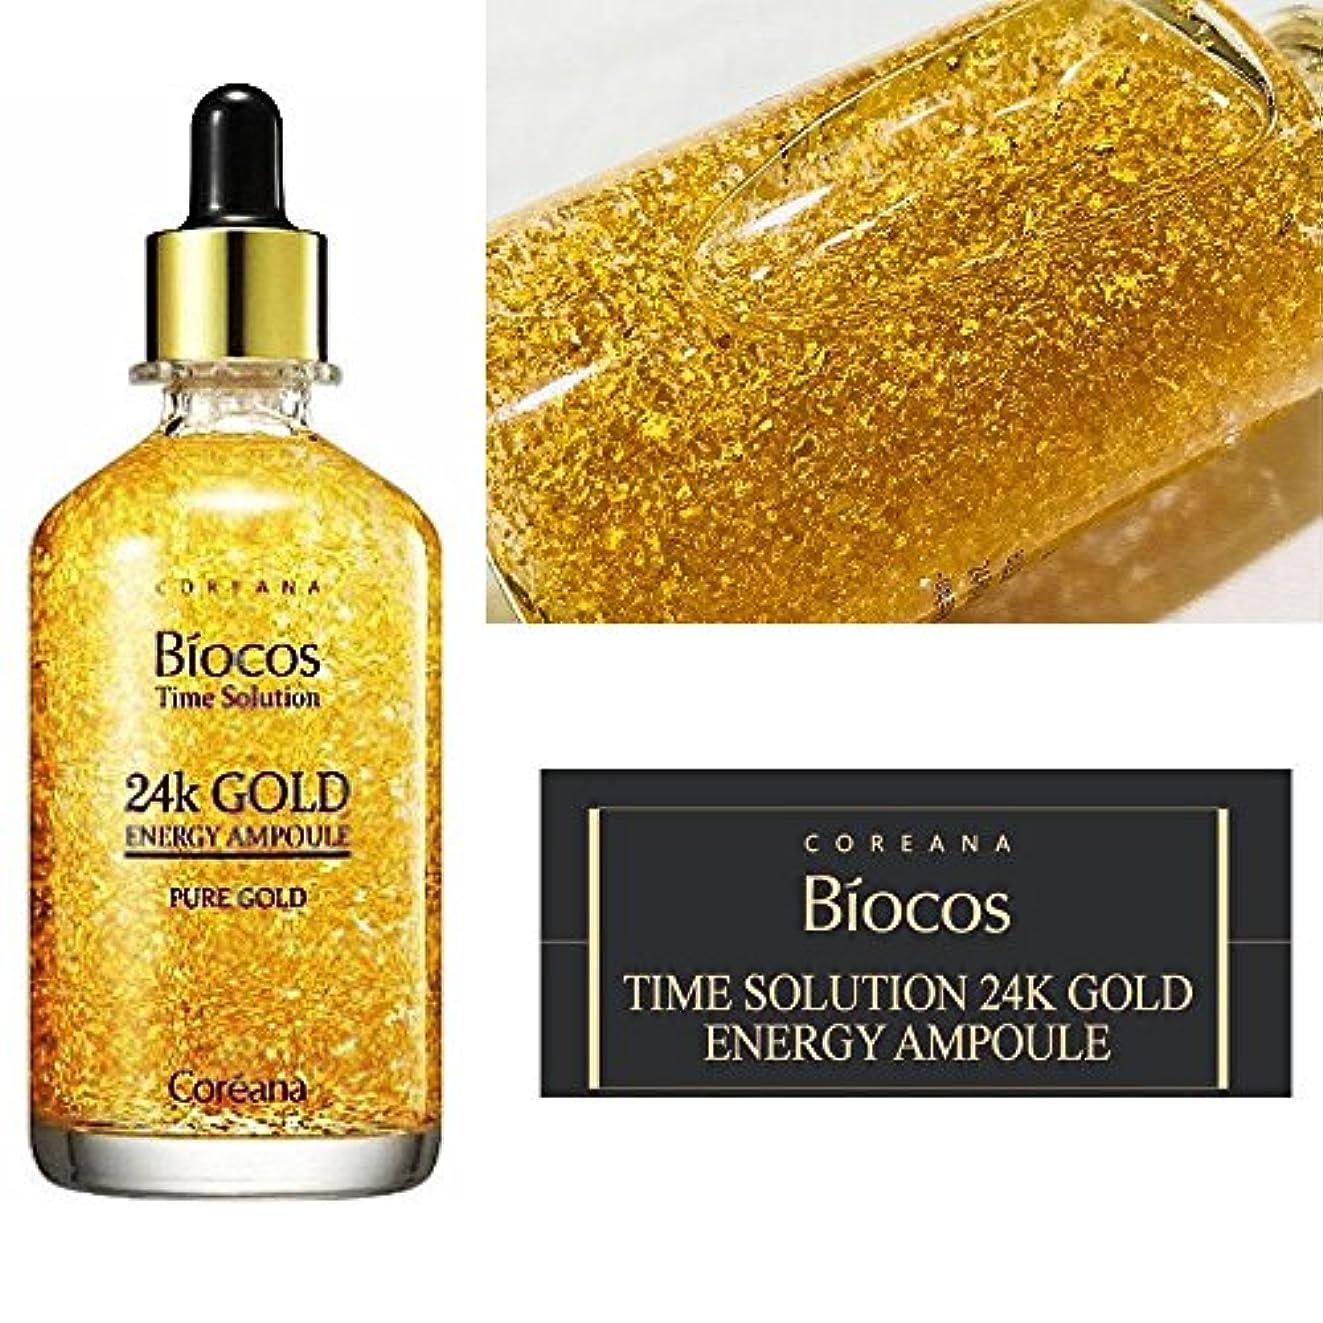 知覚する何十人もブレース[COREANA] Biocos Time Solution 24kゴールドエナジーアンプル100ml/[COREANA] Biocos Time Solution 24K Gold Energy Ampoule - 100ml